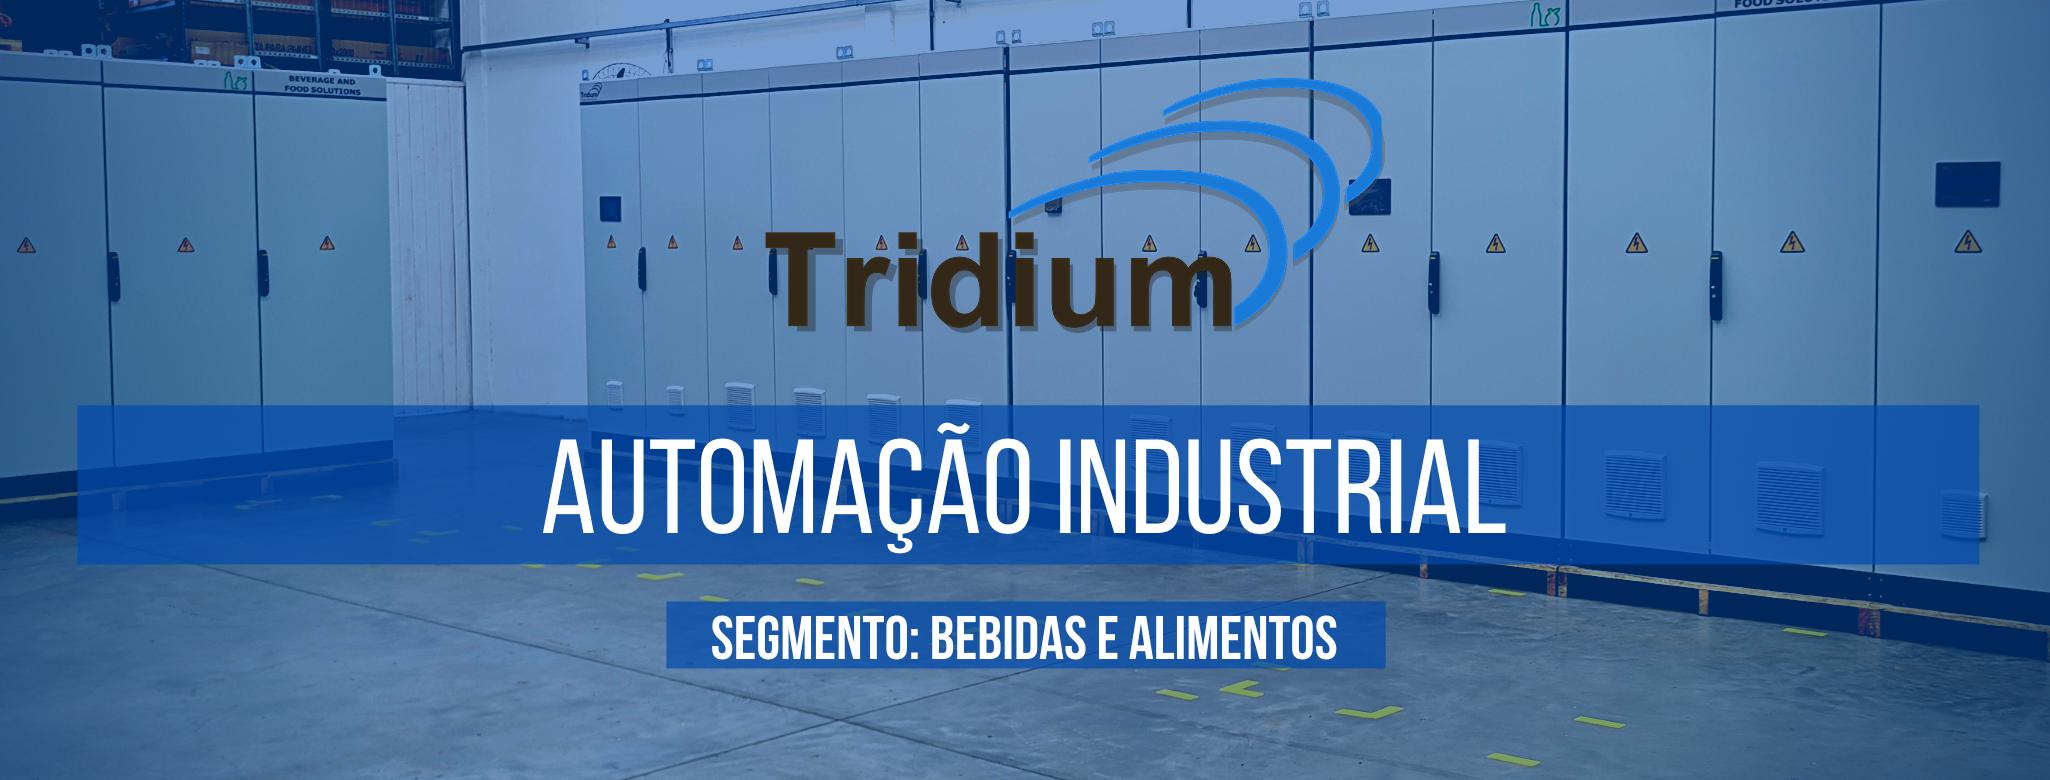 Arquitetura e Automação Industrial (3)